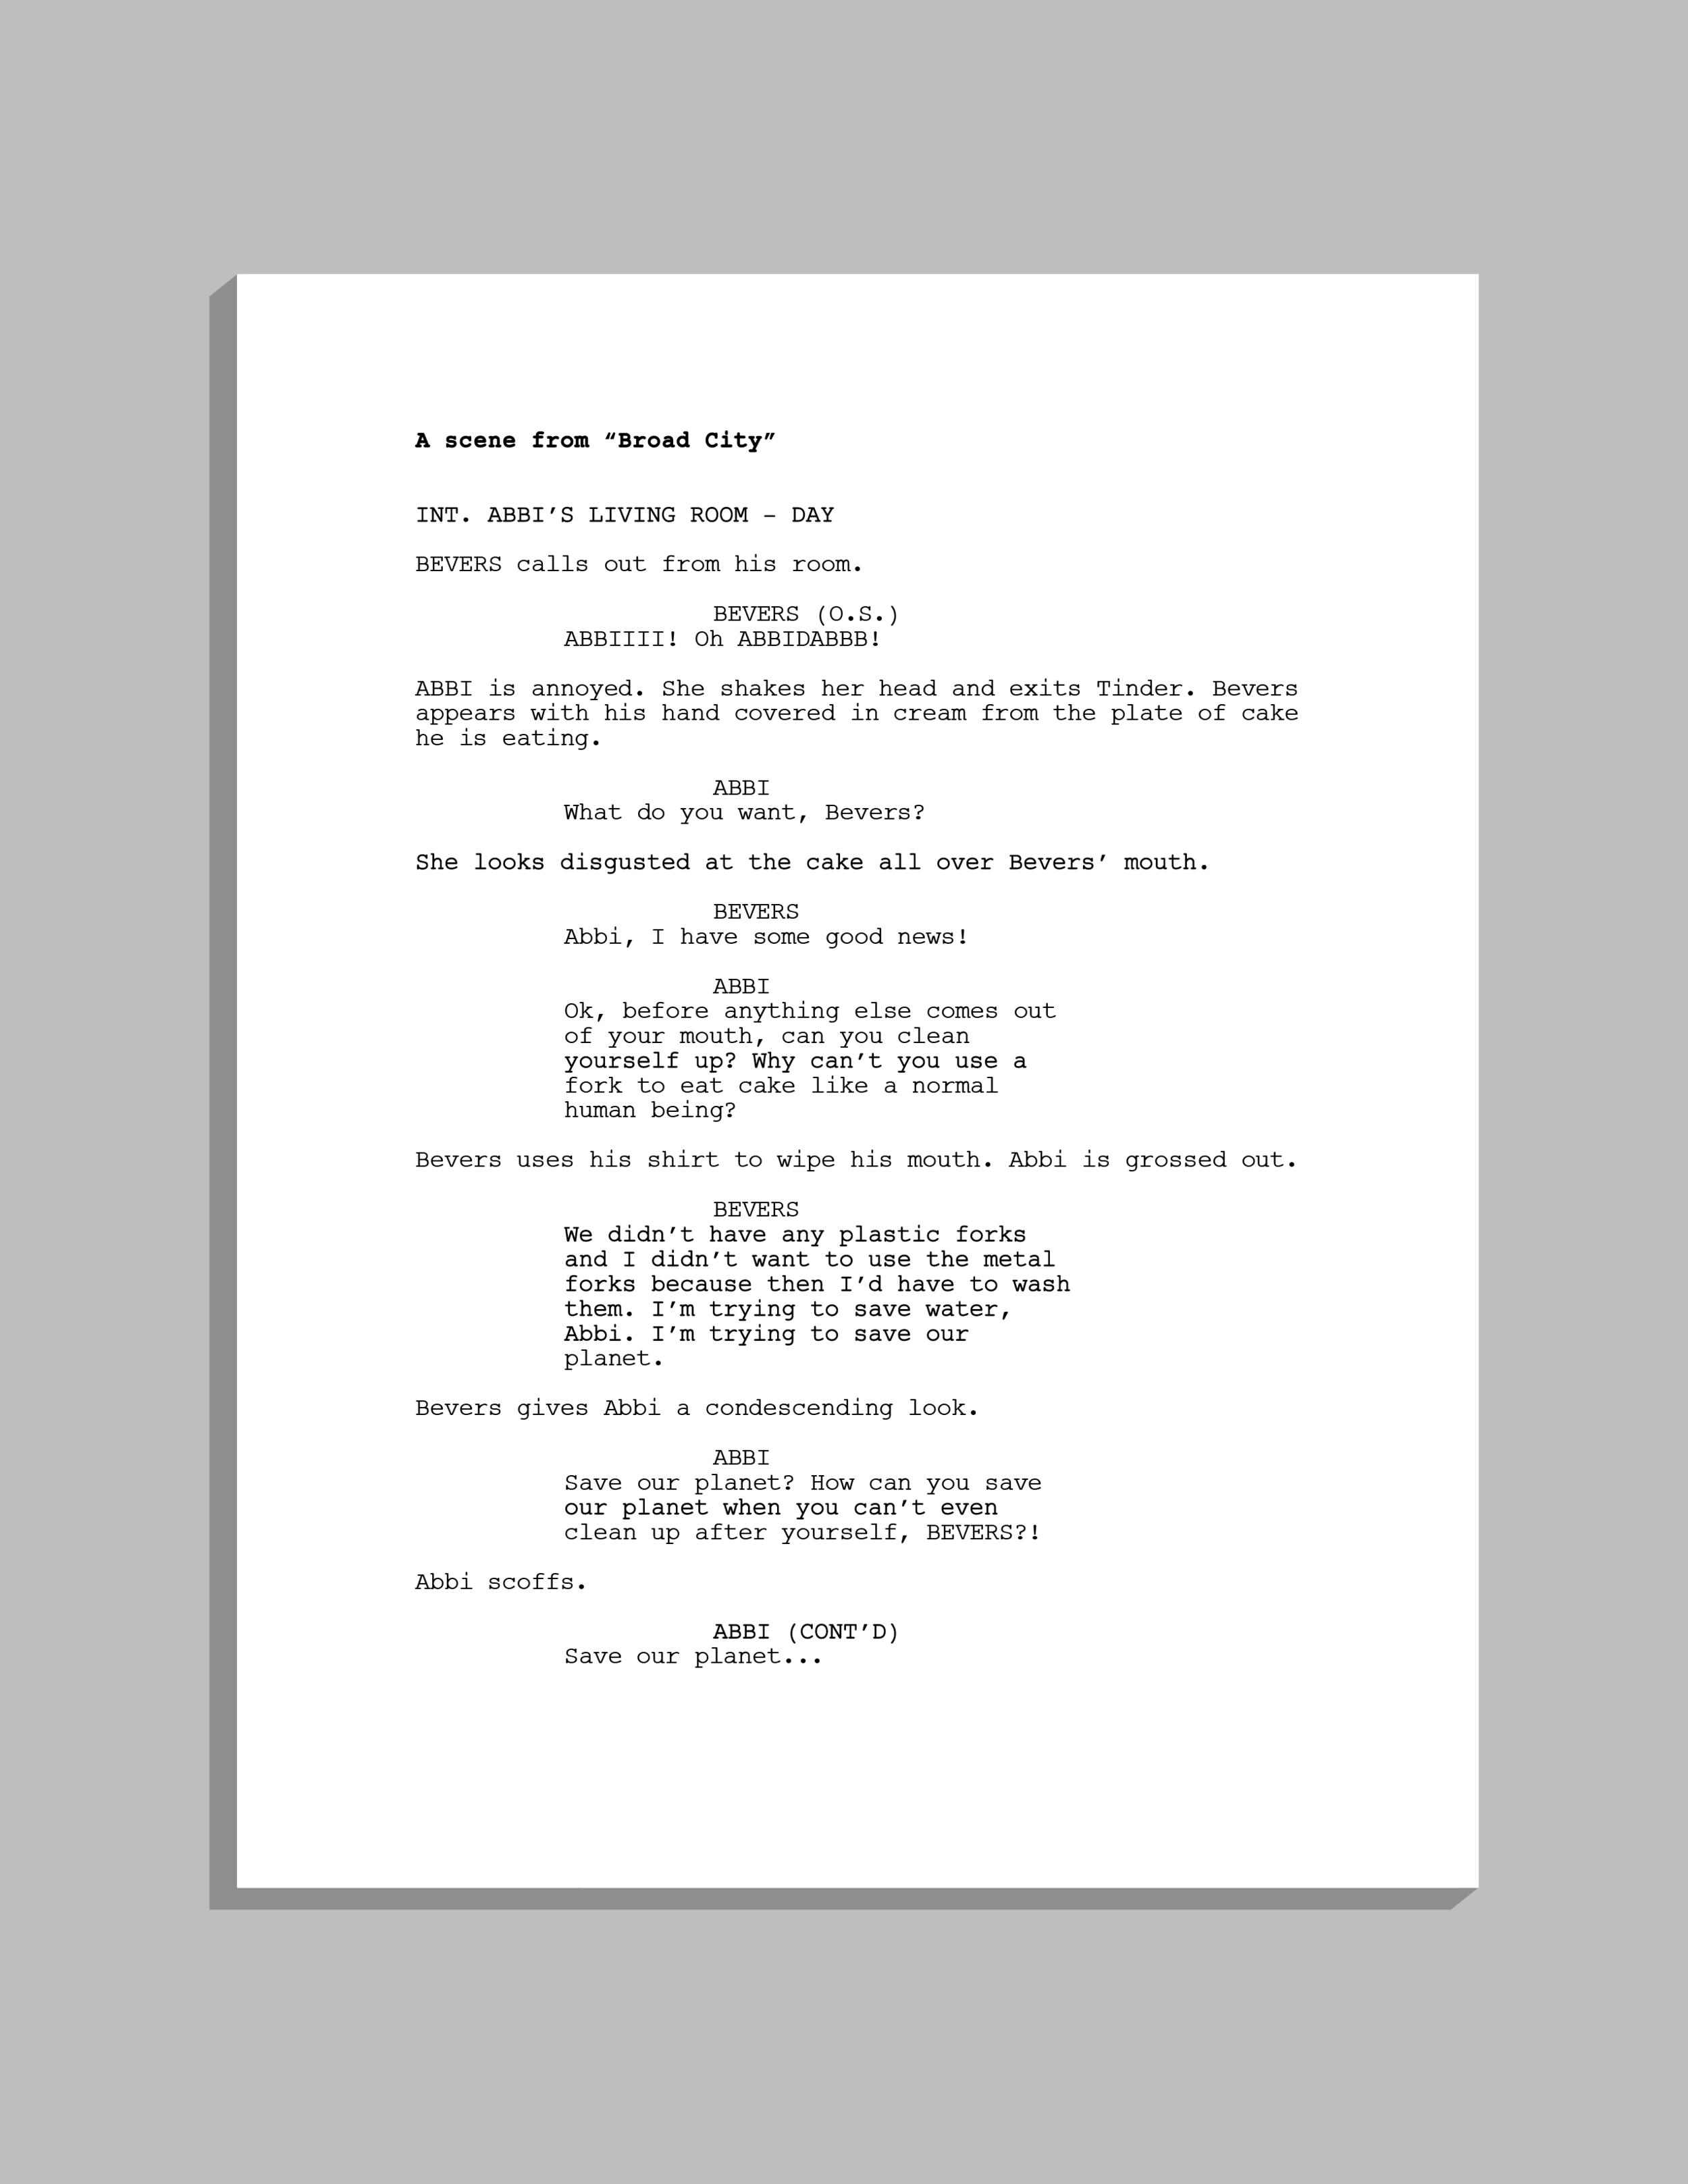 broad city script pg 1.png